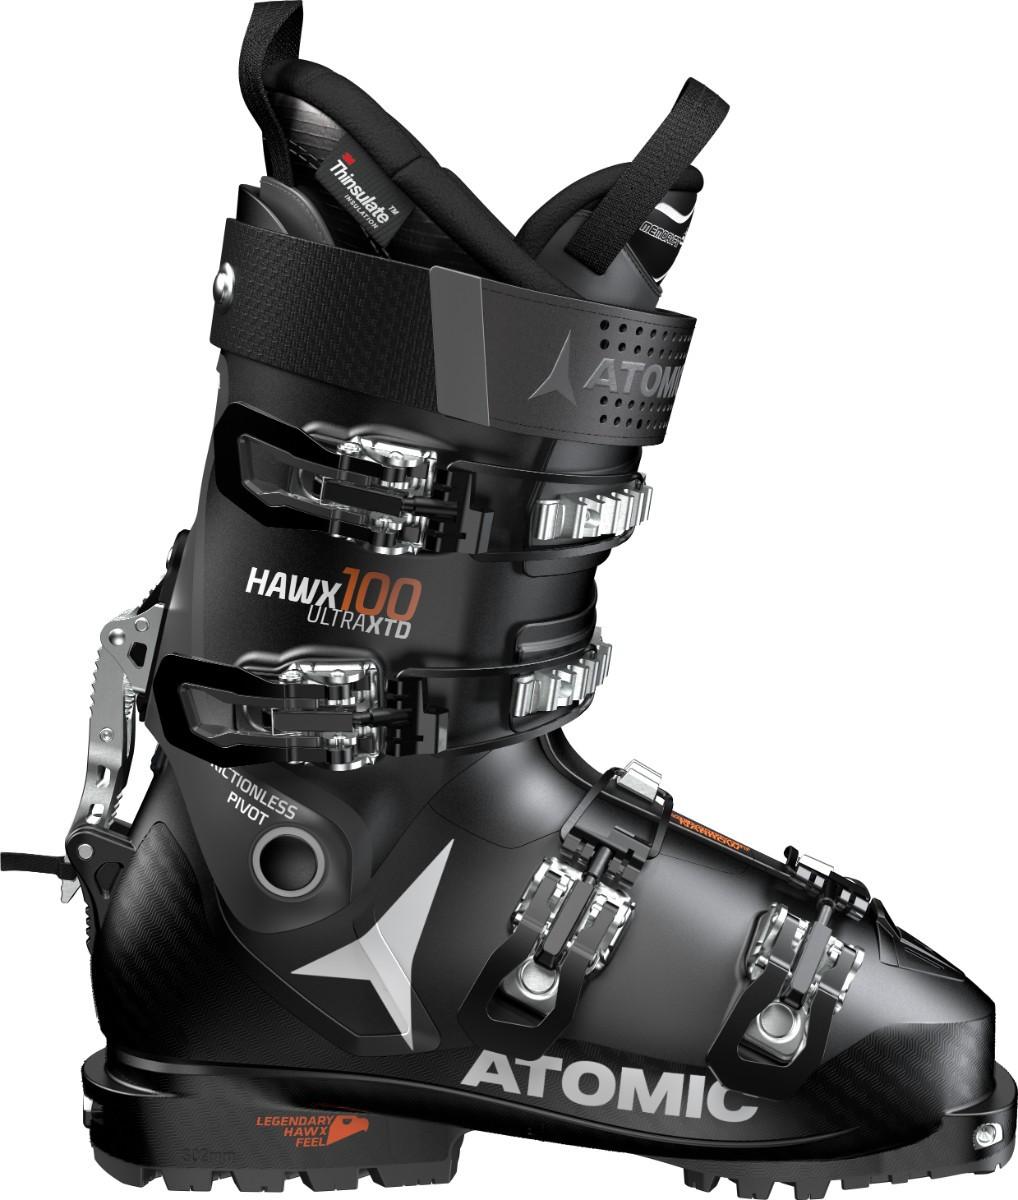 Atomic Hawx Ultra XTD 100 Délka chodidla v cm: 27.0/27.5 2019/2020